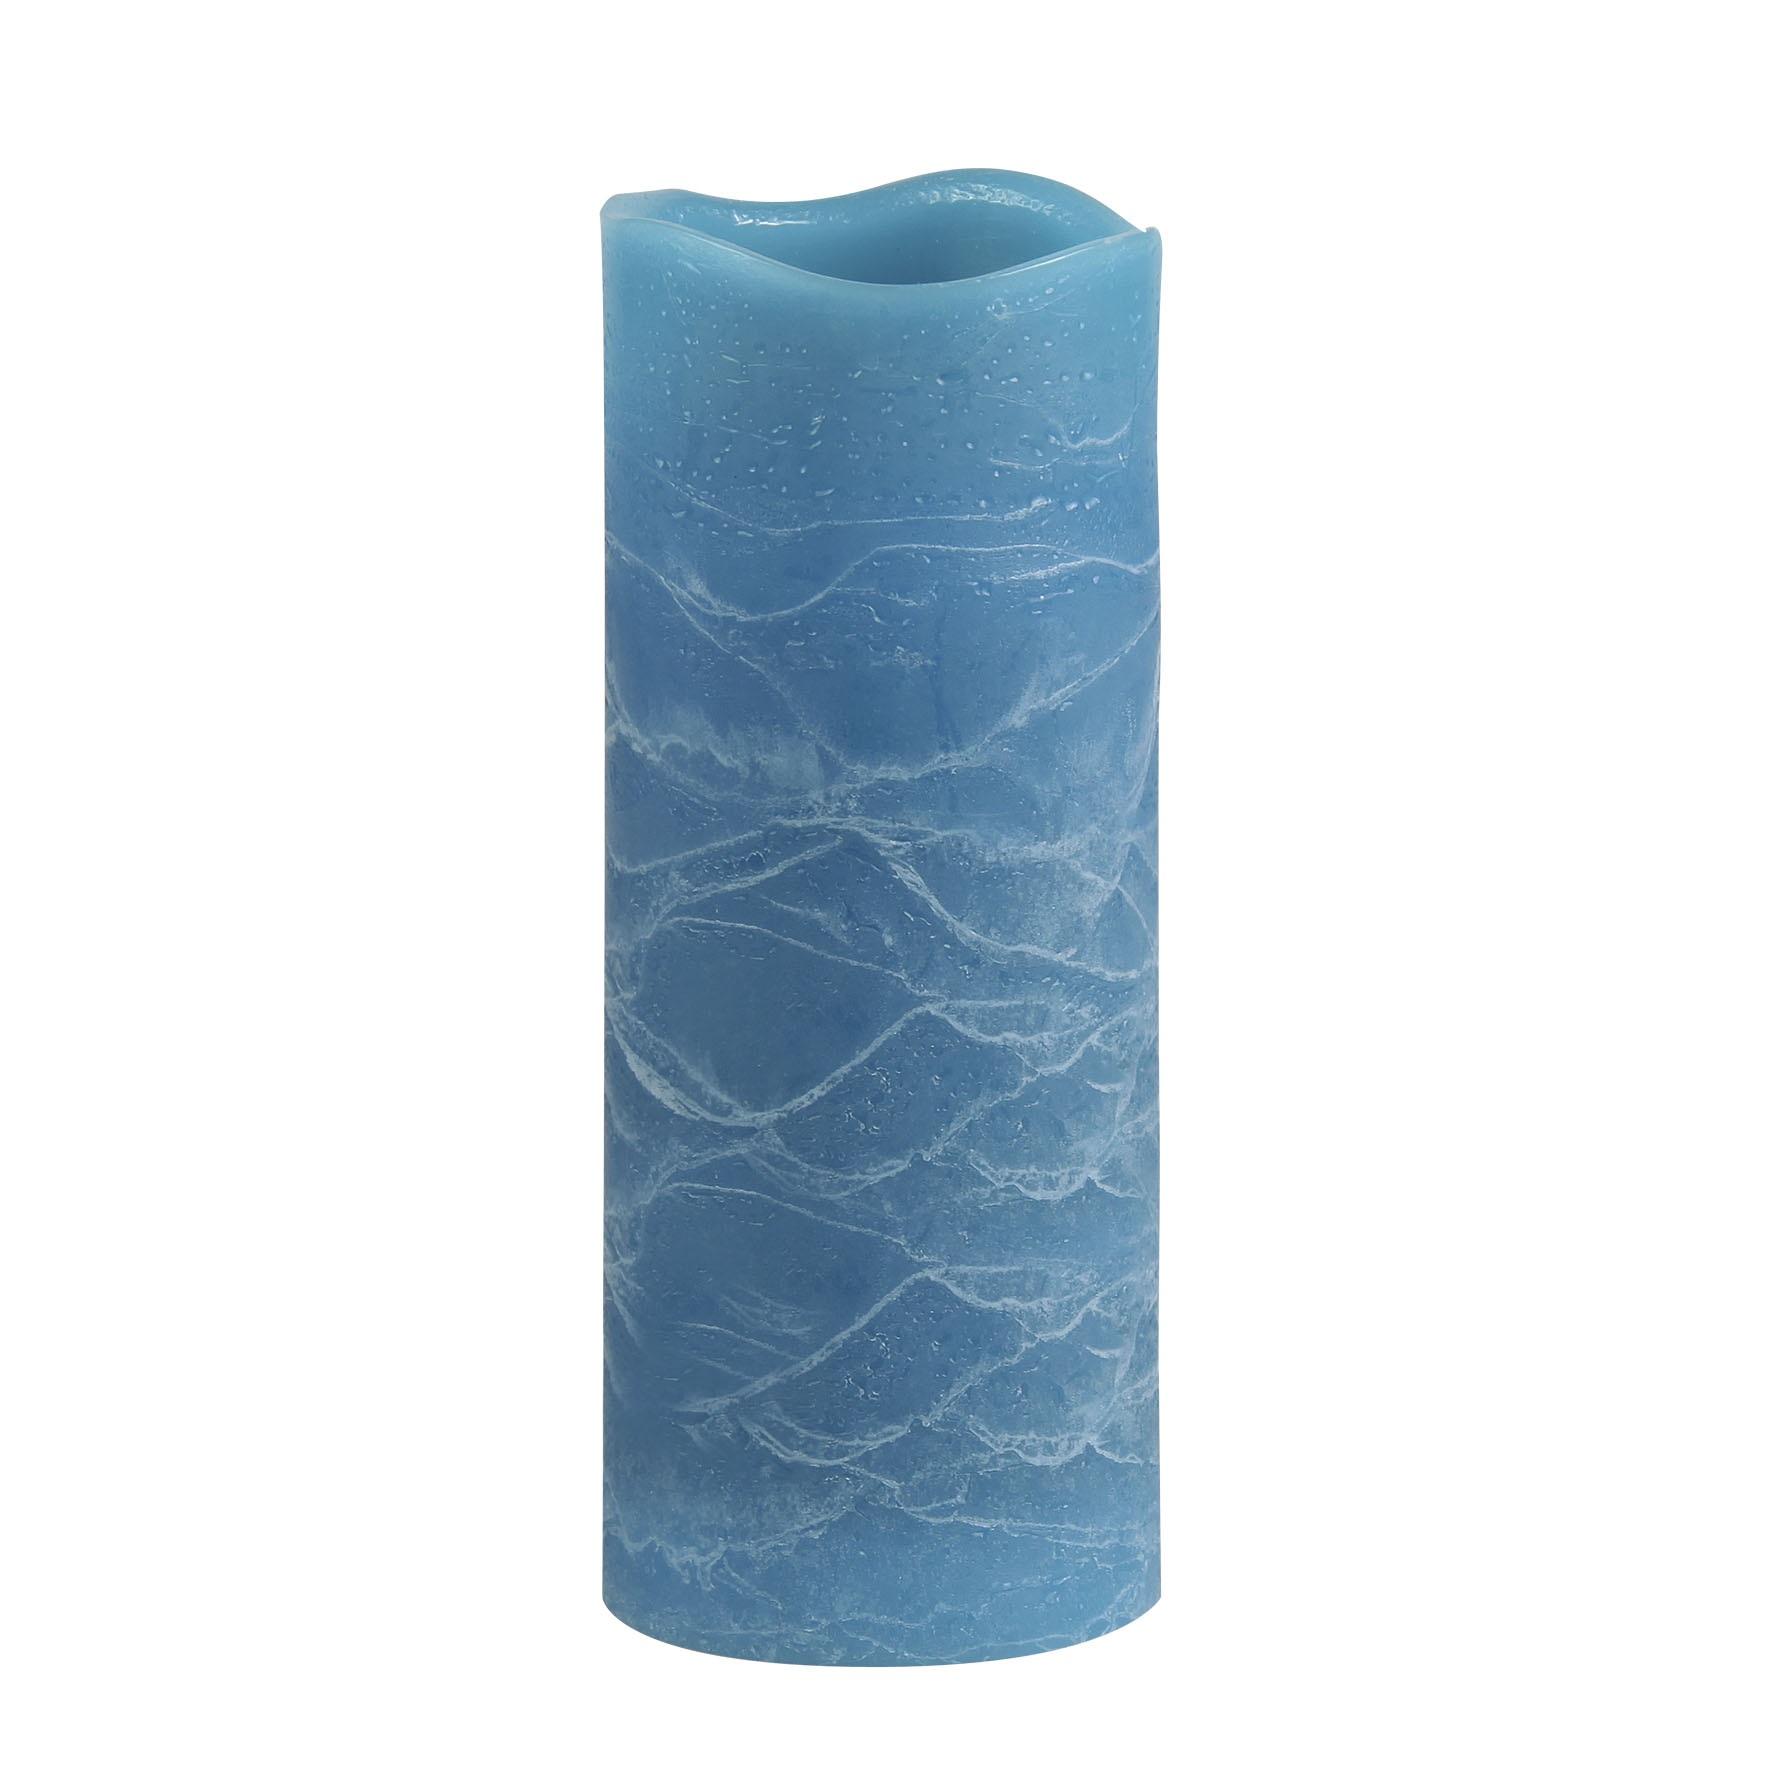 Светильник декоративный Ranex Свеча 200 мм голубой